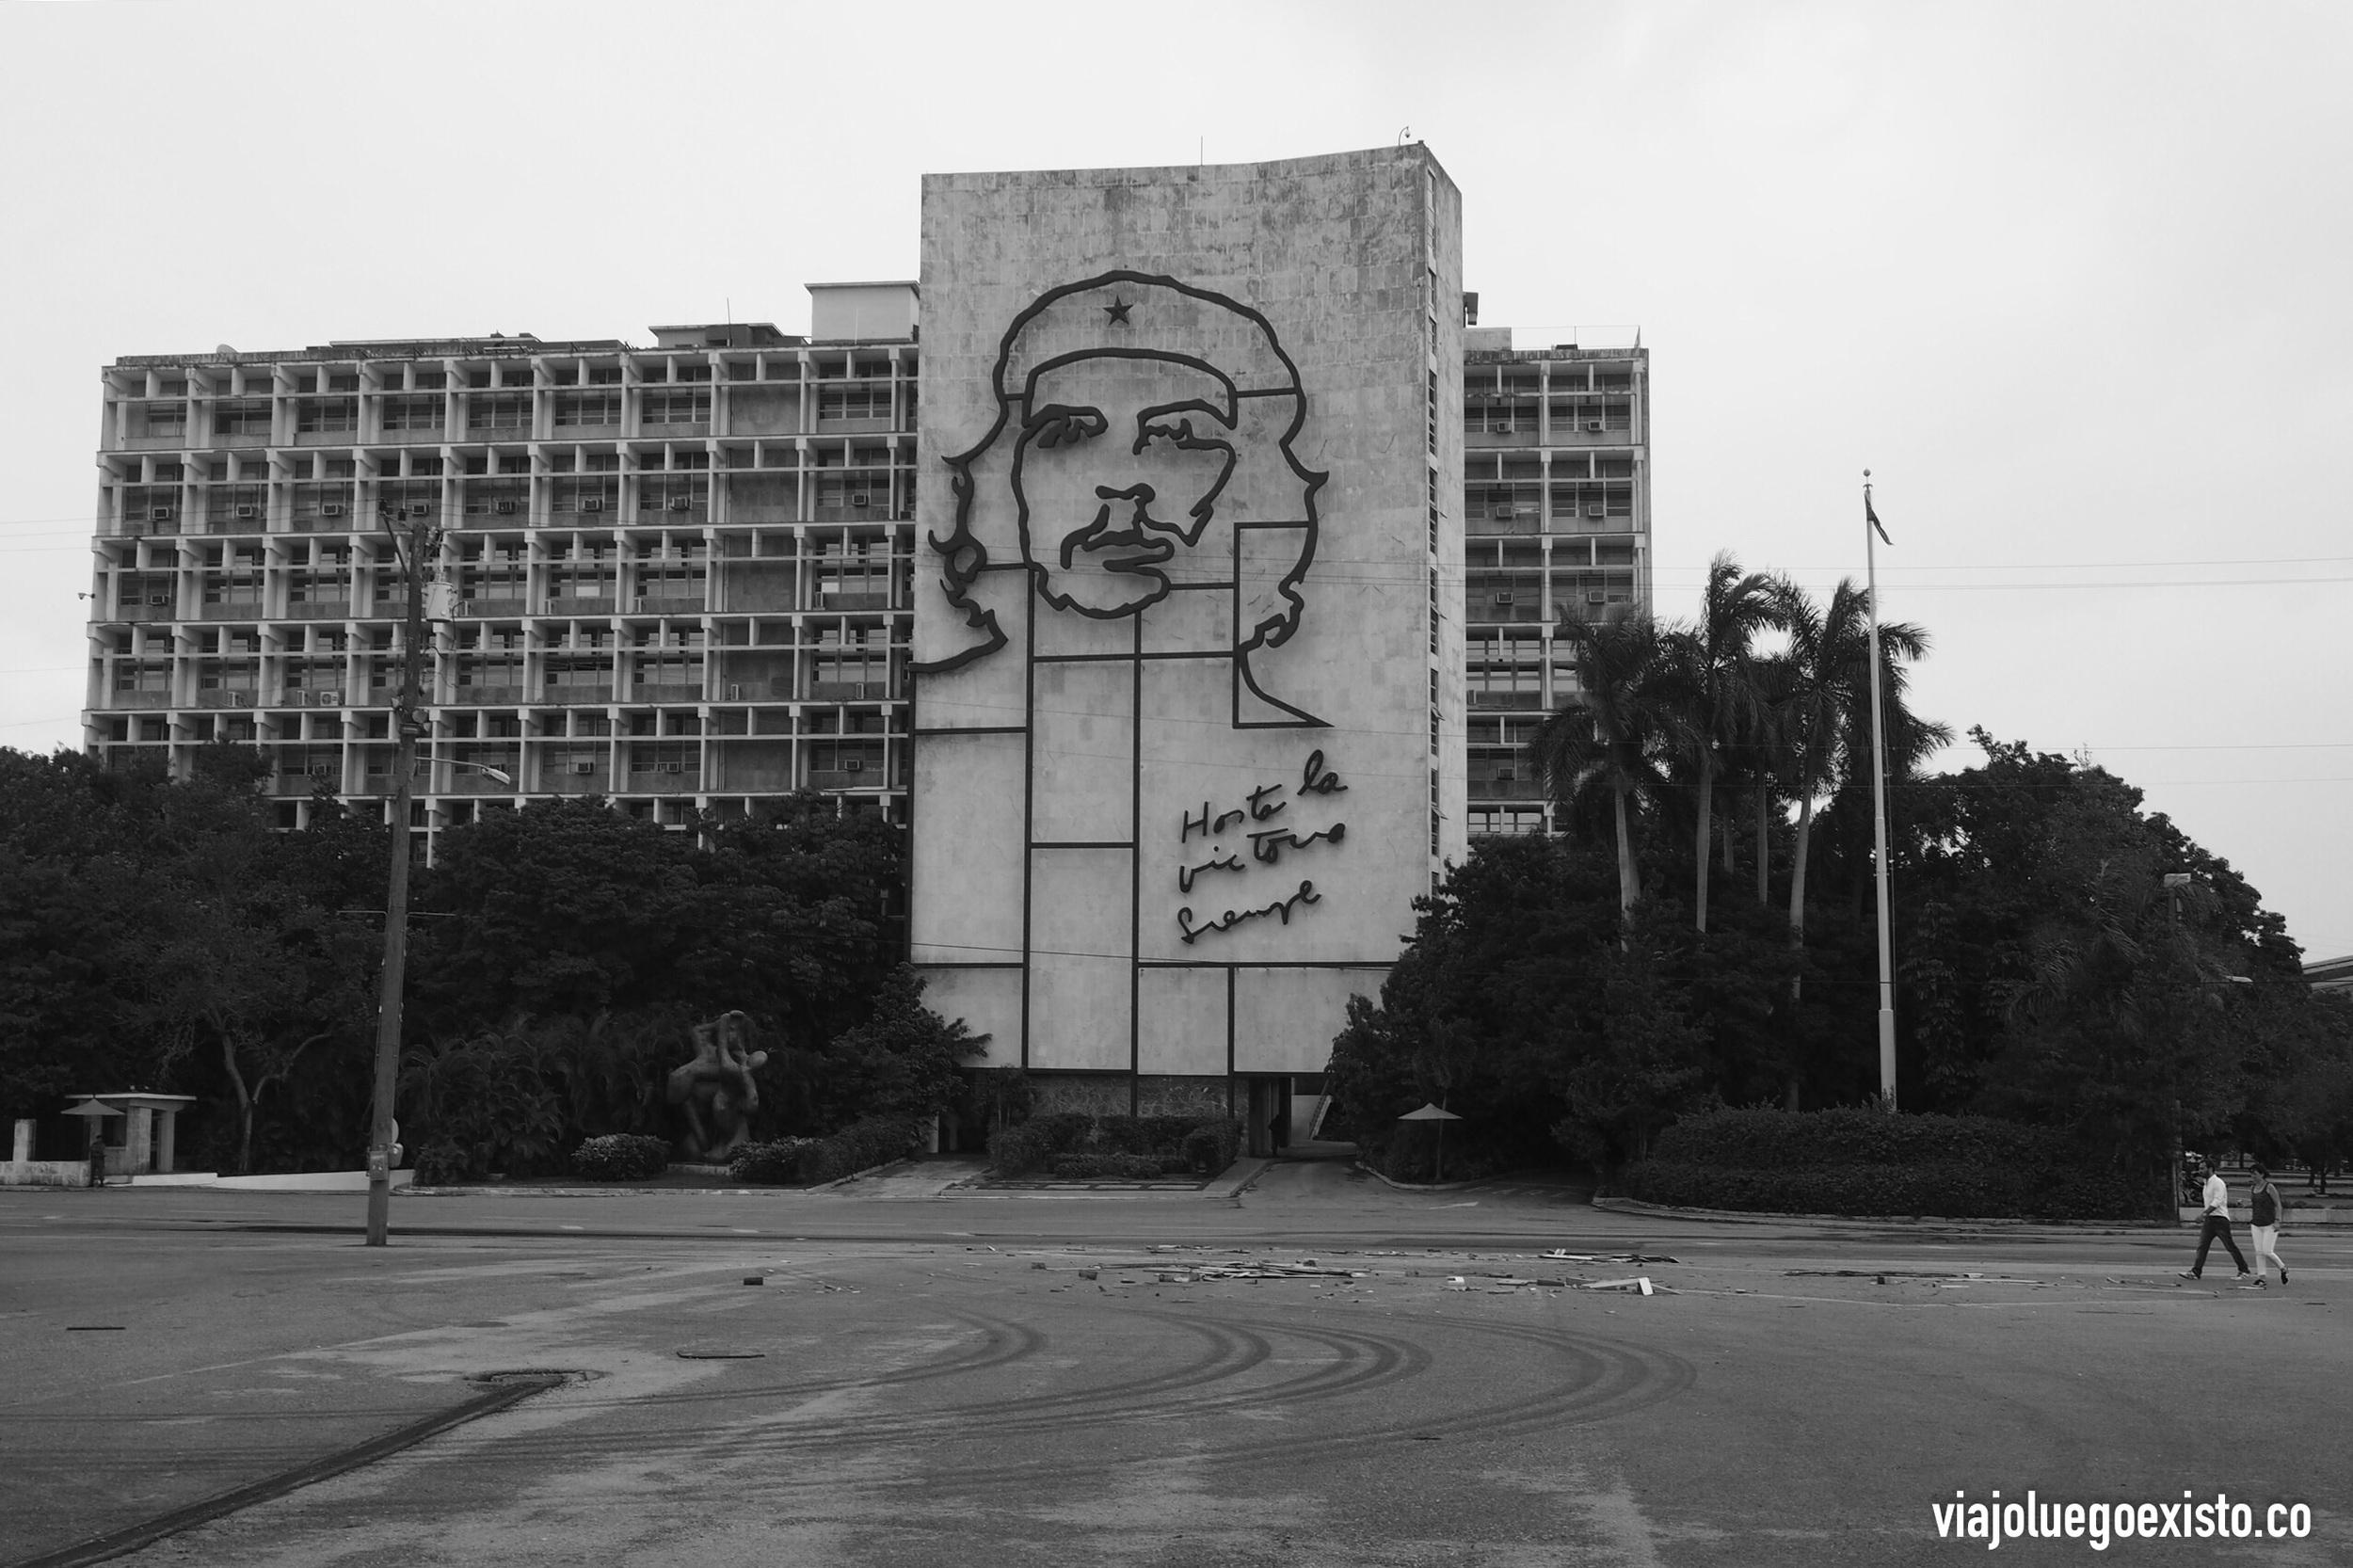 Plaza de la Revolución con la mítica frase del Che.